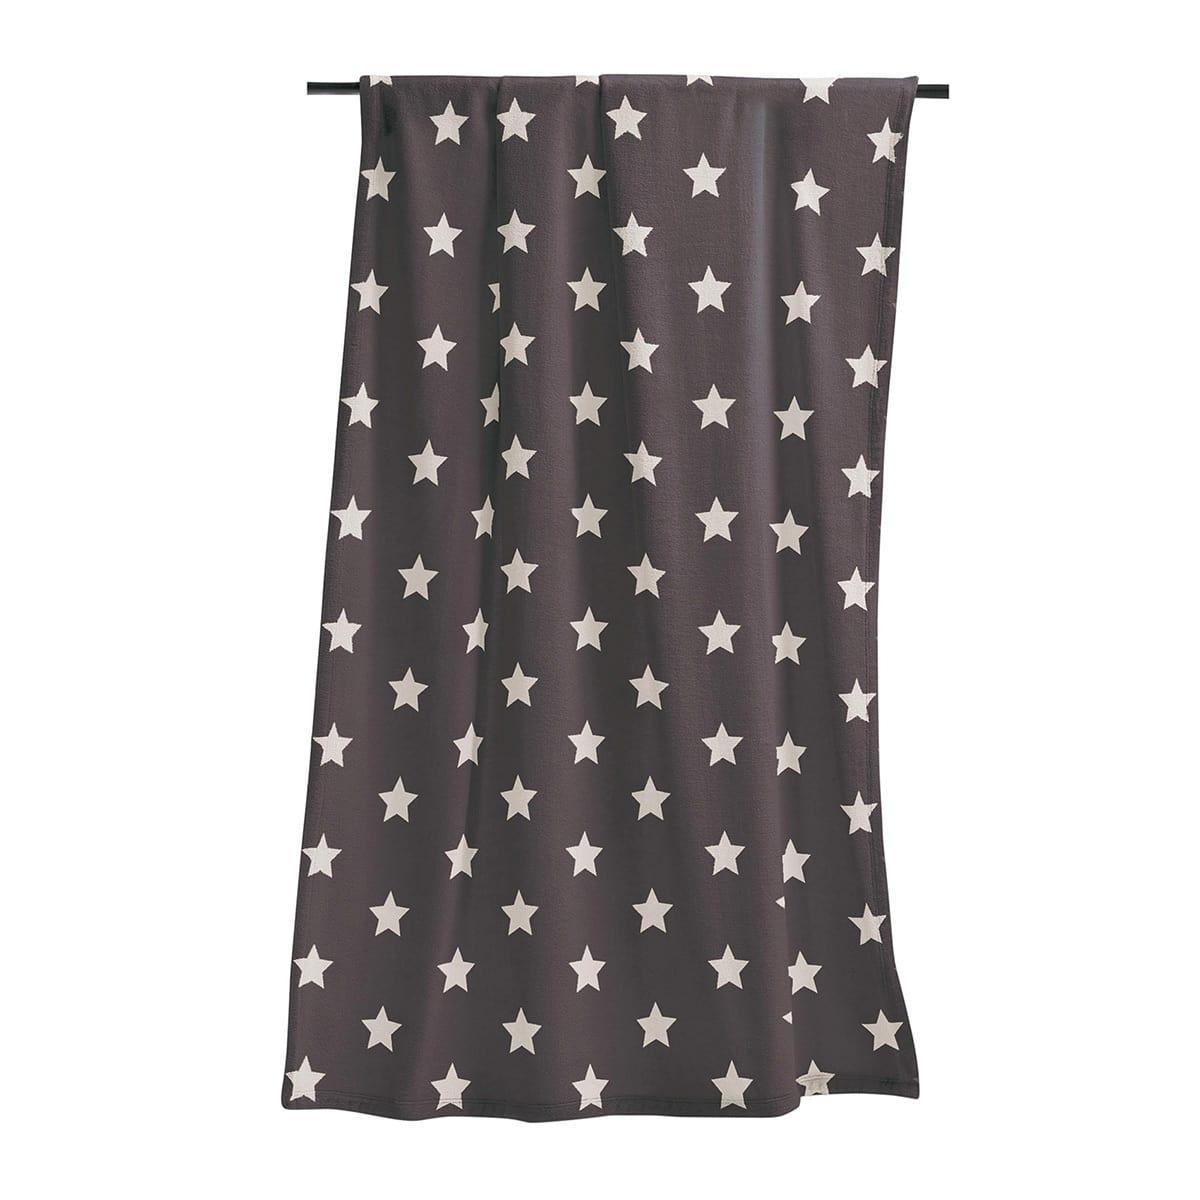 Irisette Wohndecke Sterne anthrazit